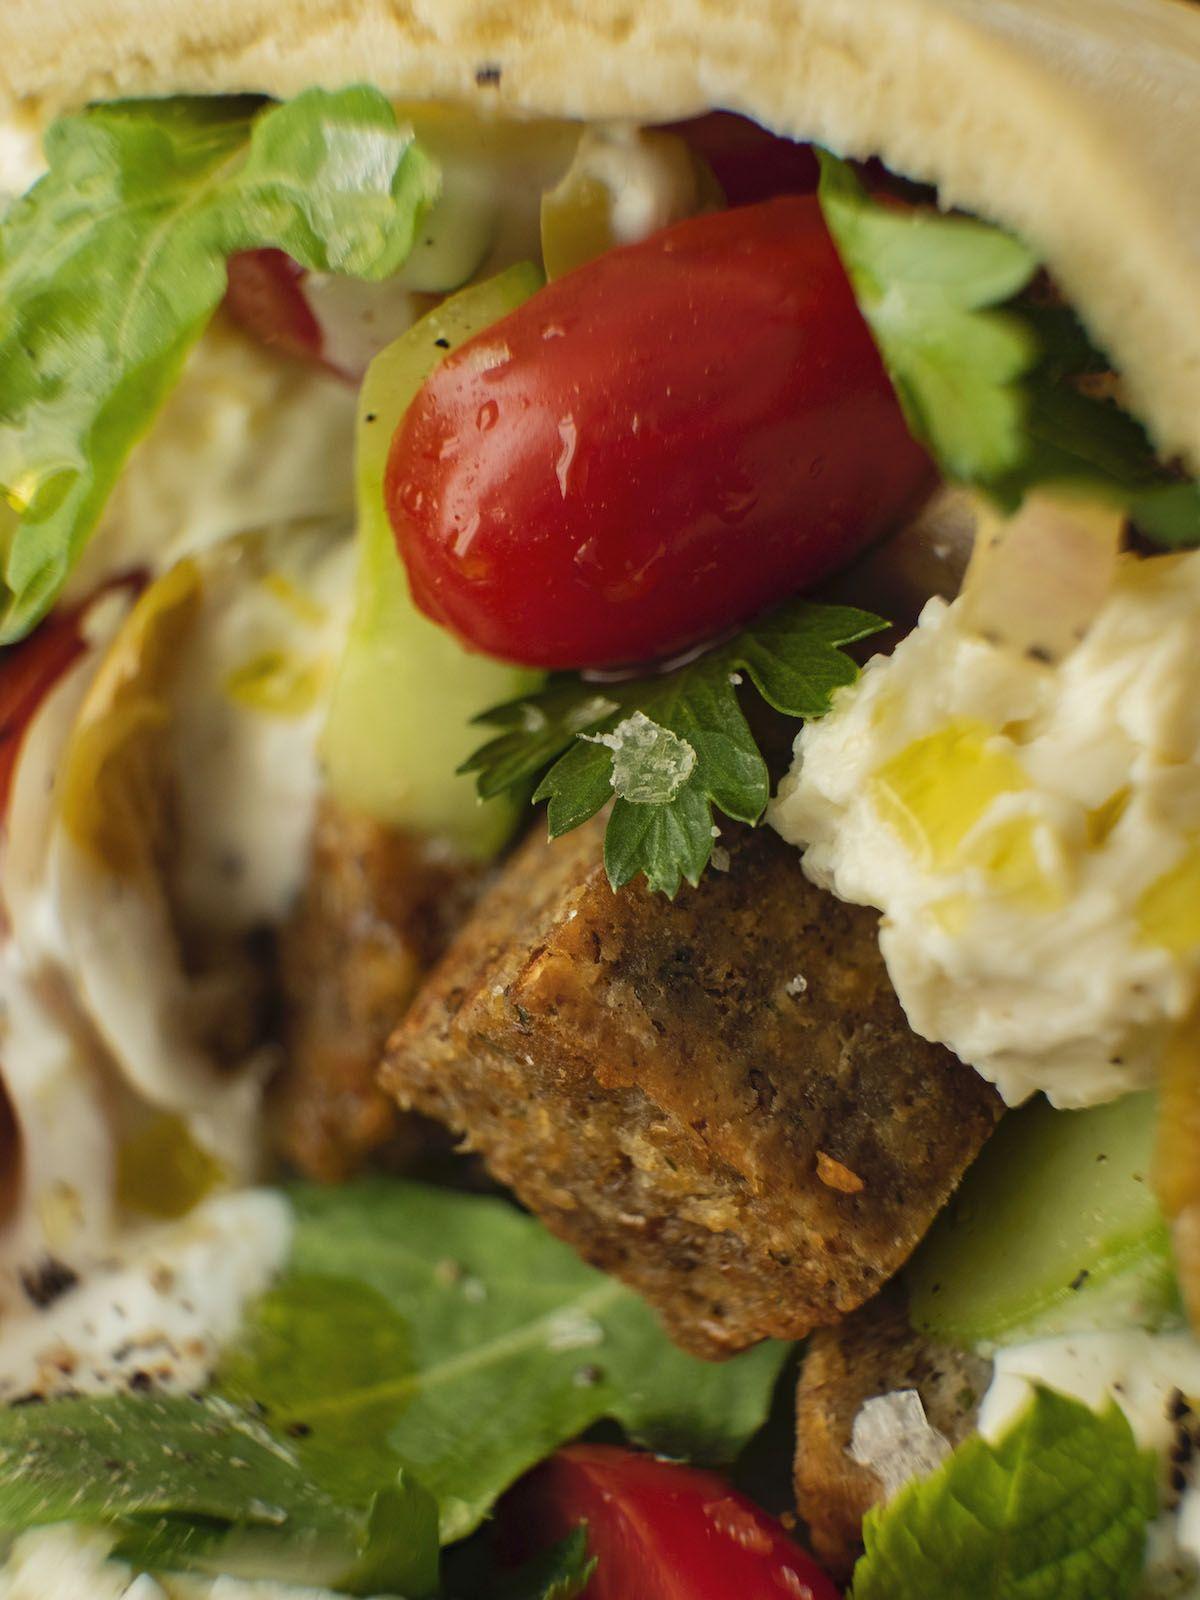 Foodblog, About Fuel, Rezept, Bold Foods The big R Knusperwürfel im Pitabrot mit griechischem Salat, Ruccola und Joghurt-Zitronen-Soße, Feta, Tomaten